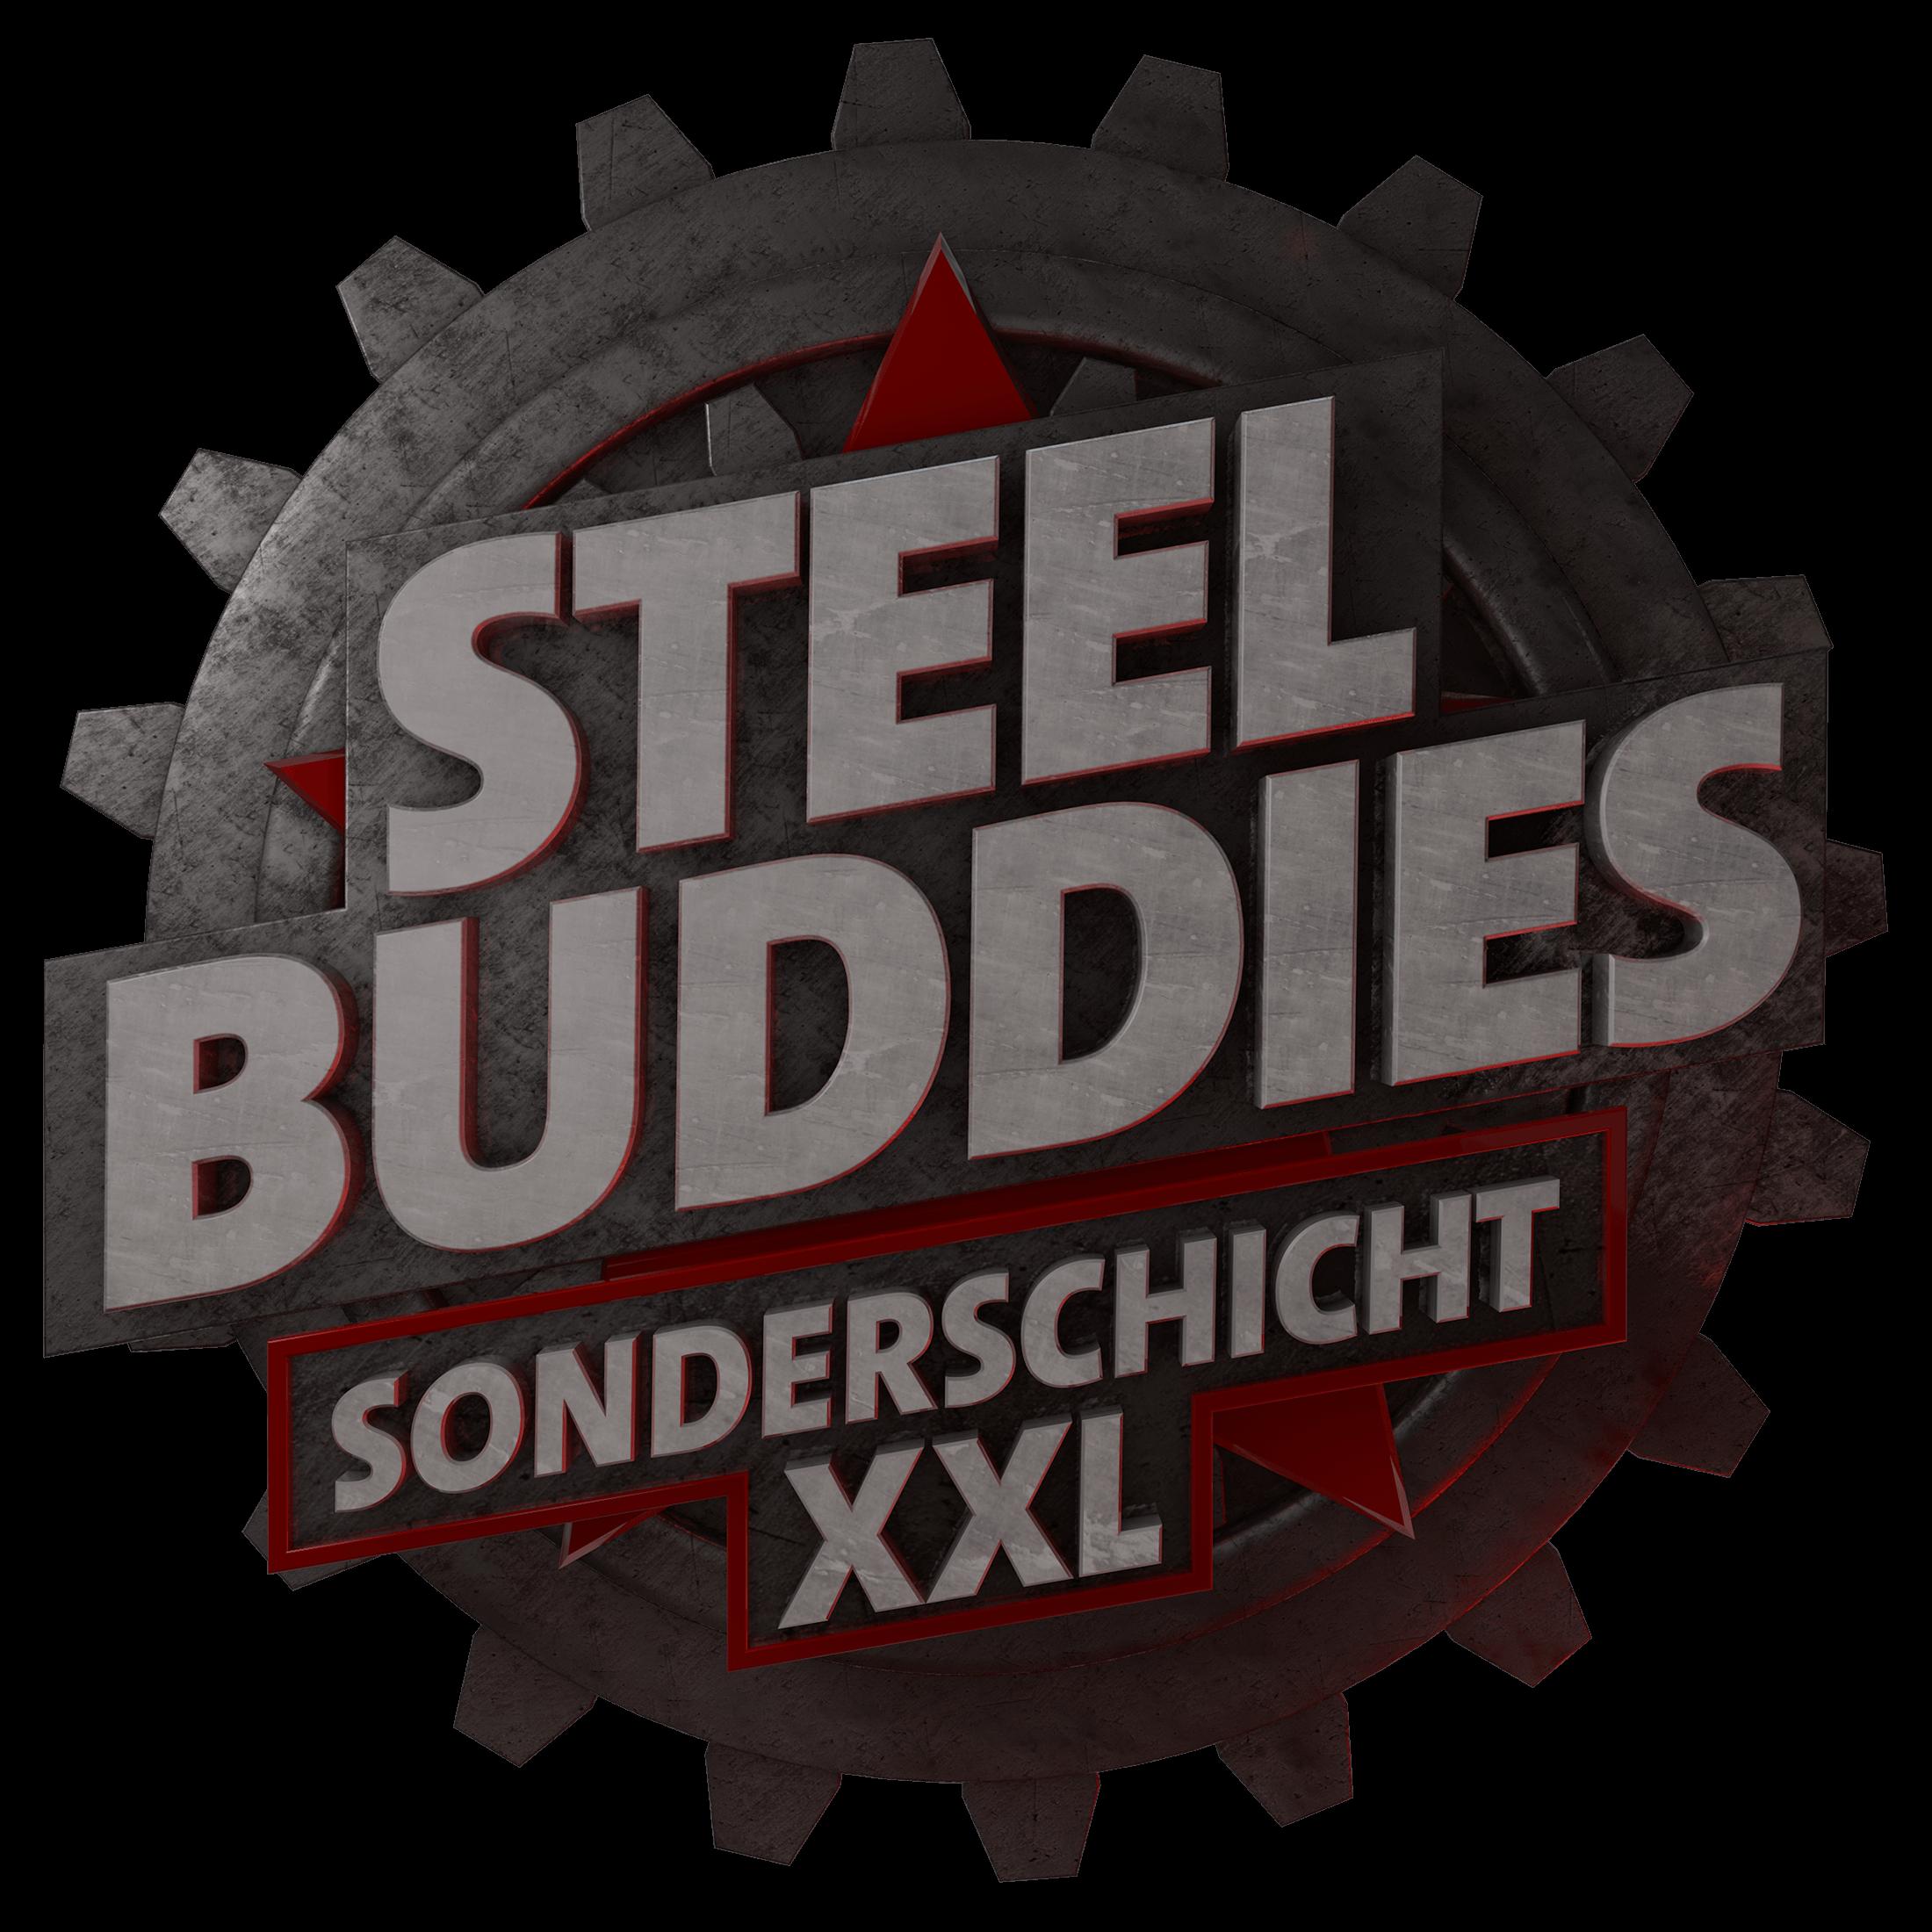 SteelBuddies Sonderschicht XXL Live